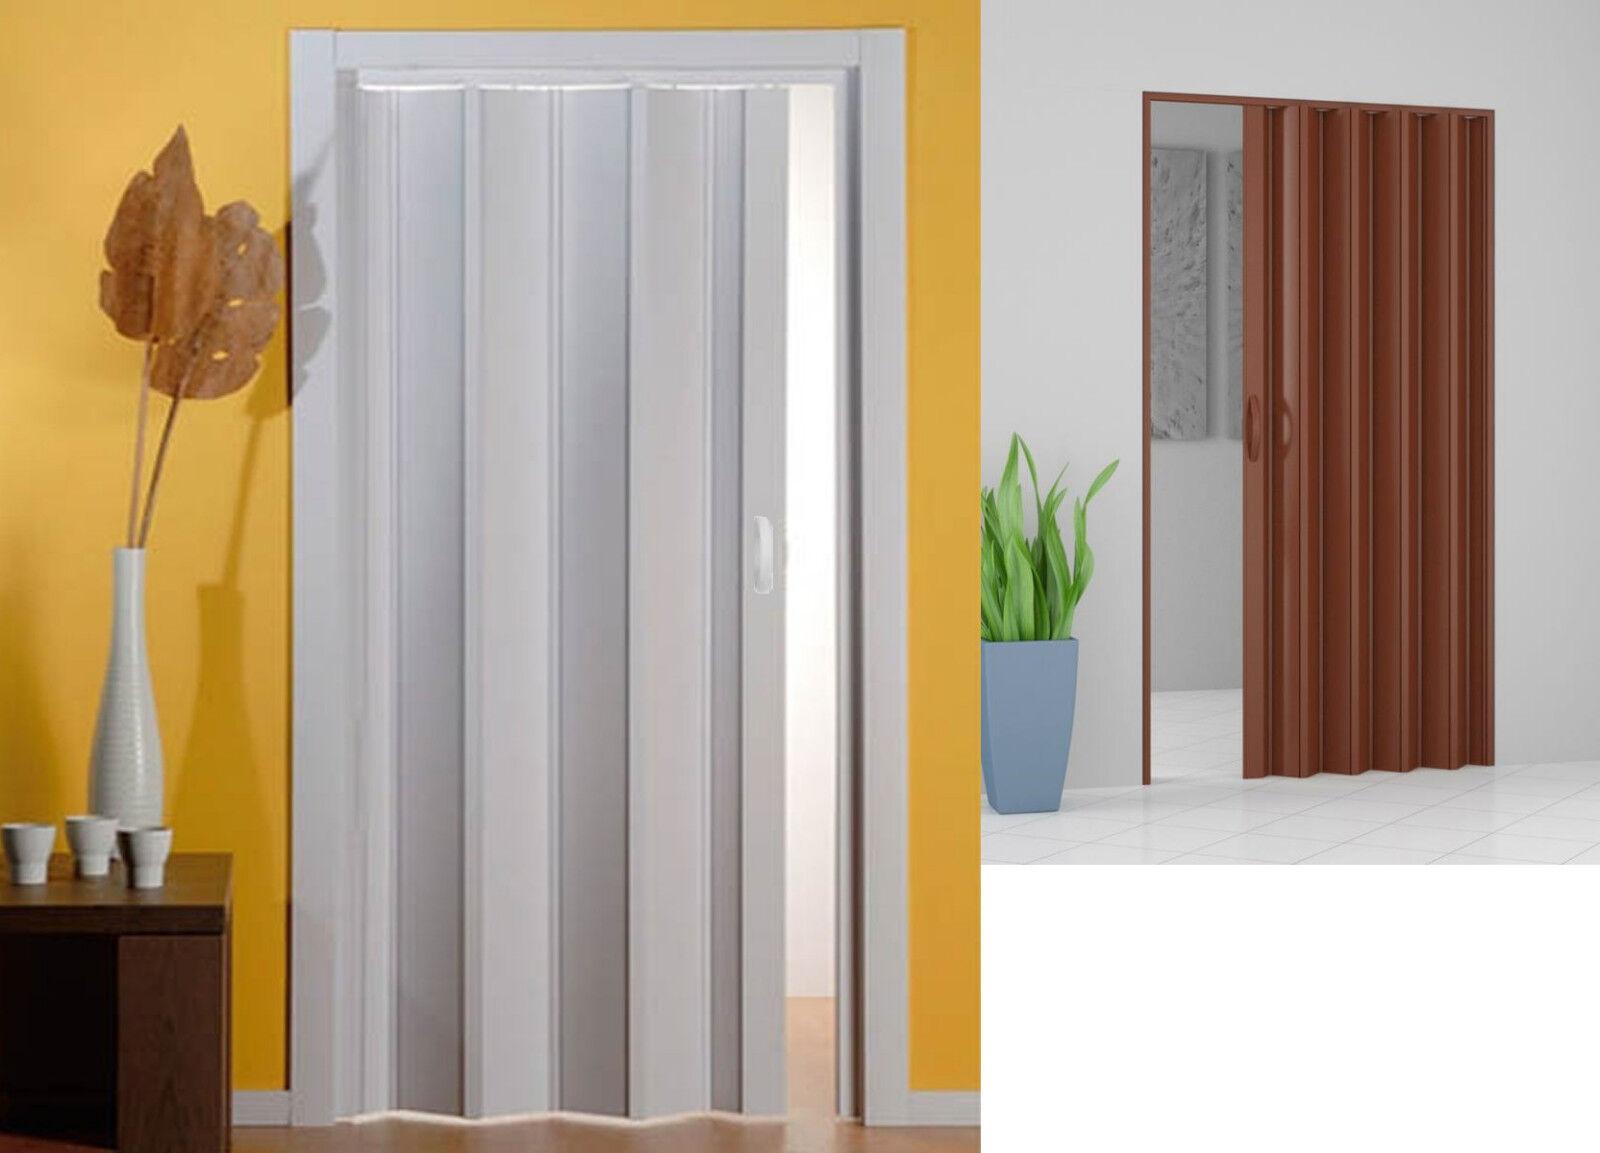 Porta A Soffietto Bianca dettagli su porta a soffietto in pvc con maniglia 82 x 214 cm riducibile  bianca / marrone